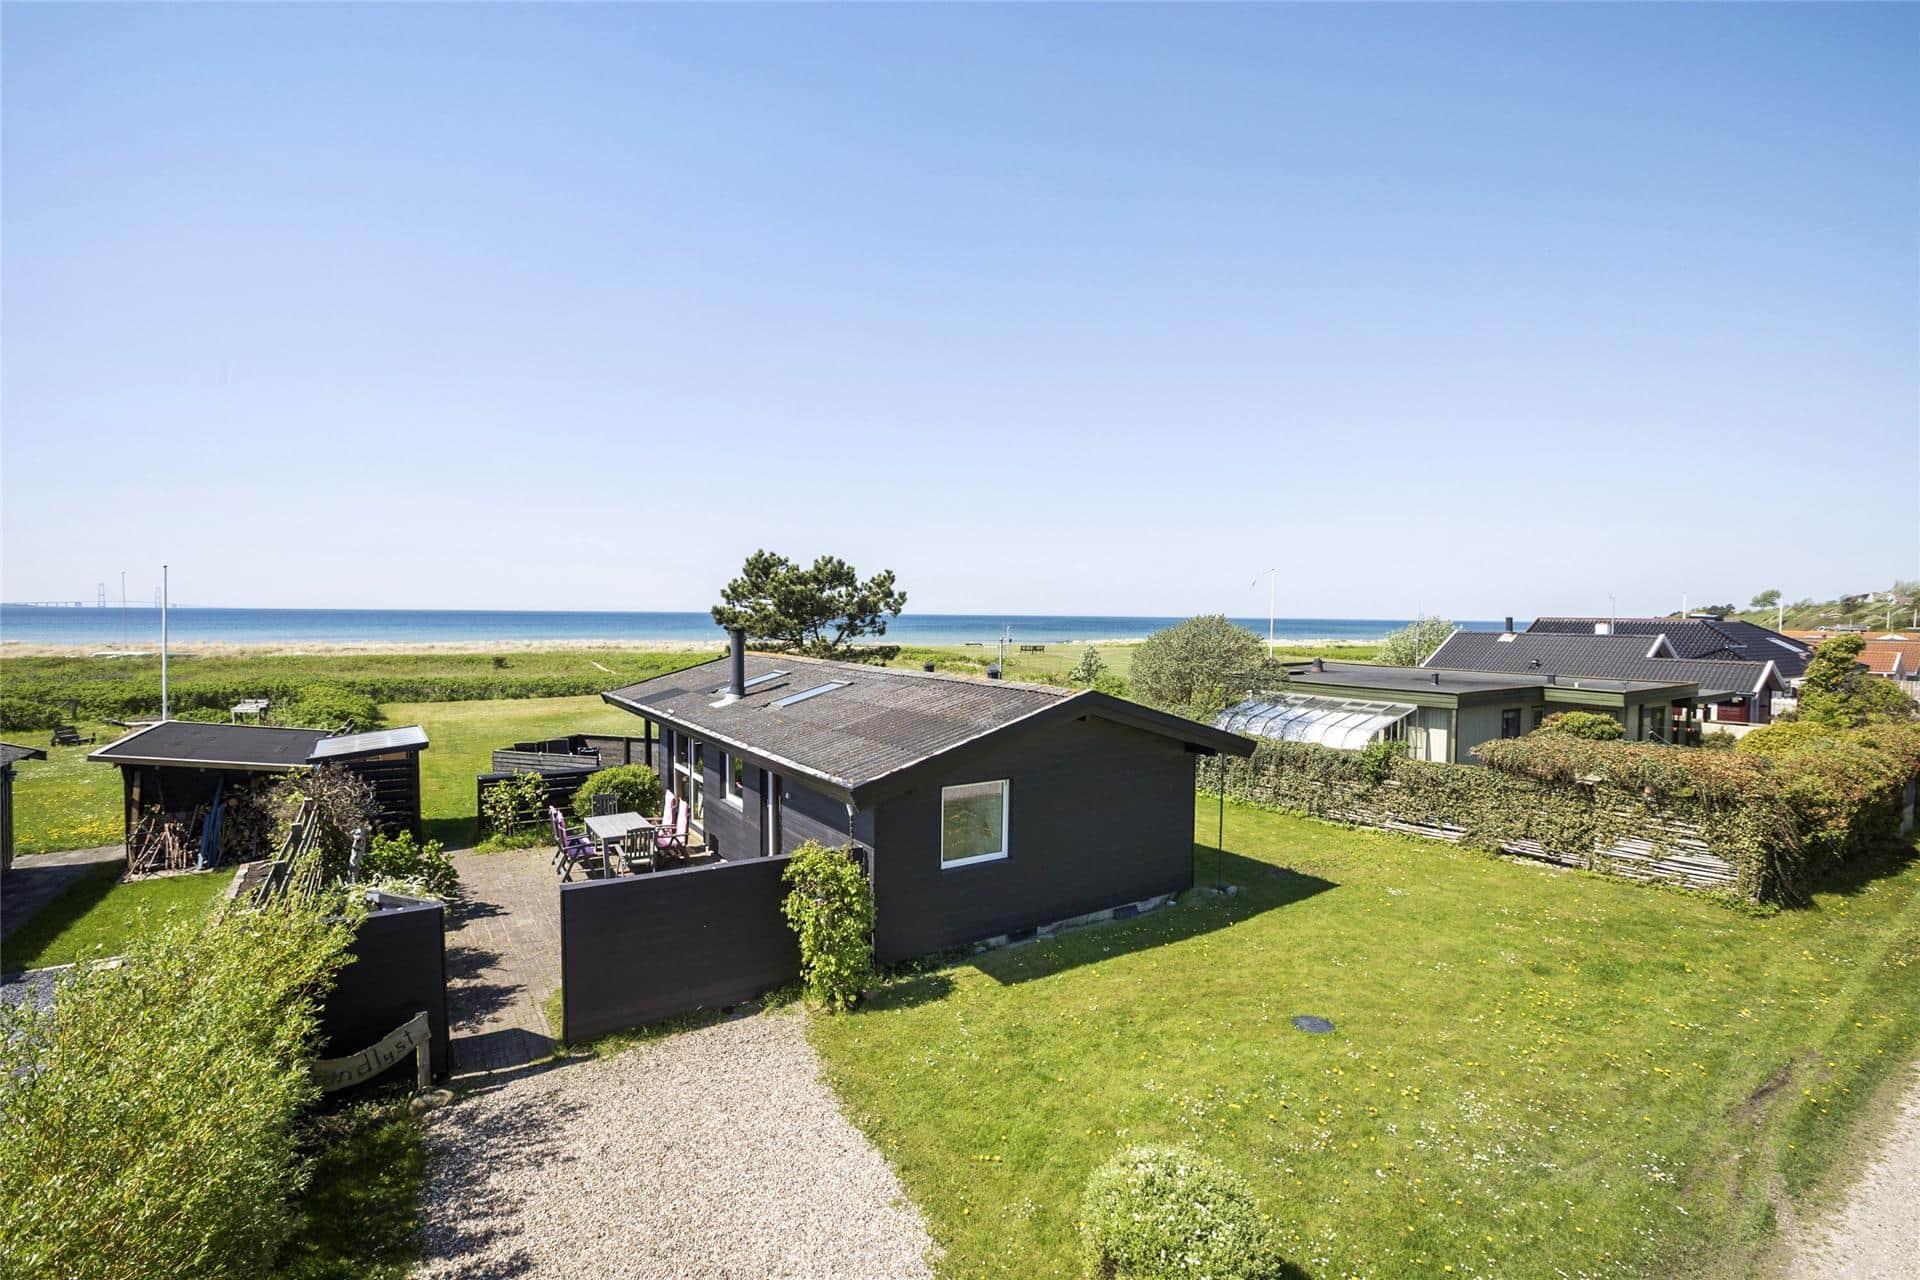 Billede 1-26 Sommerhus SL203, Strandvænget 46, DK - 4200 Slagelse